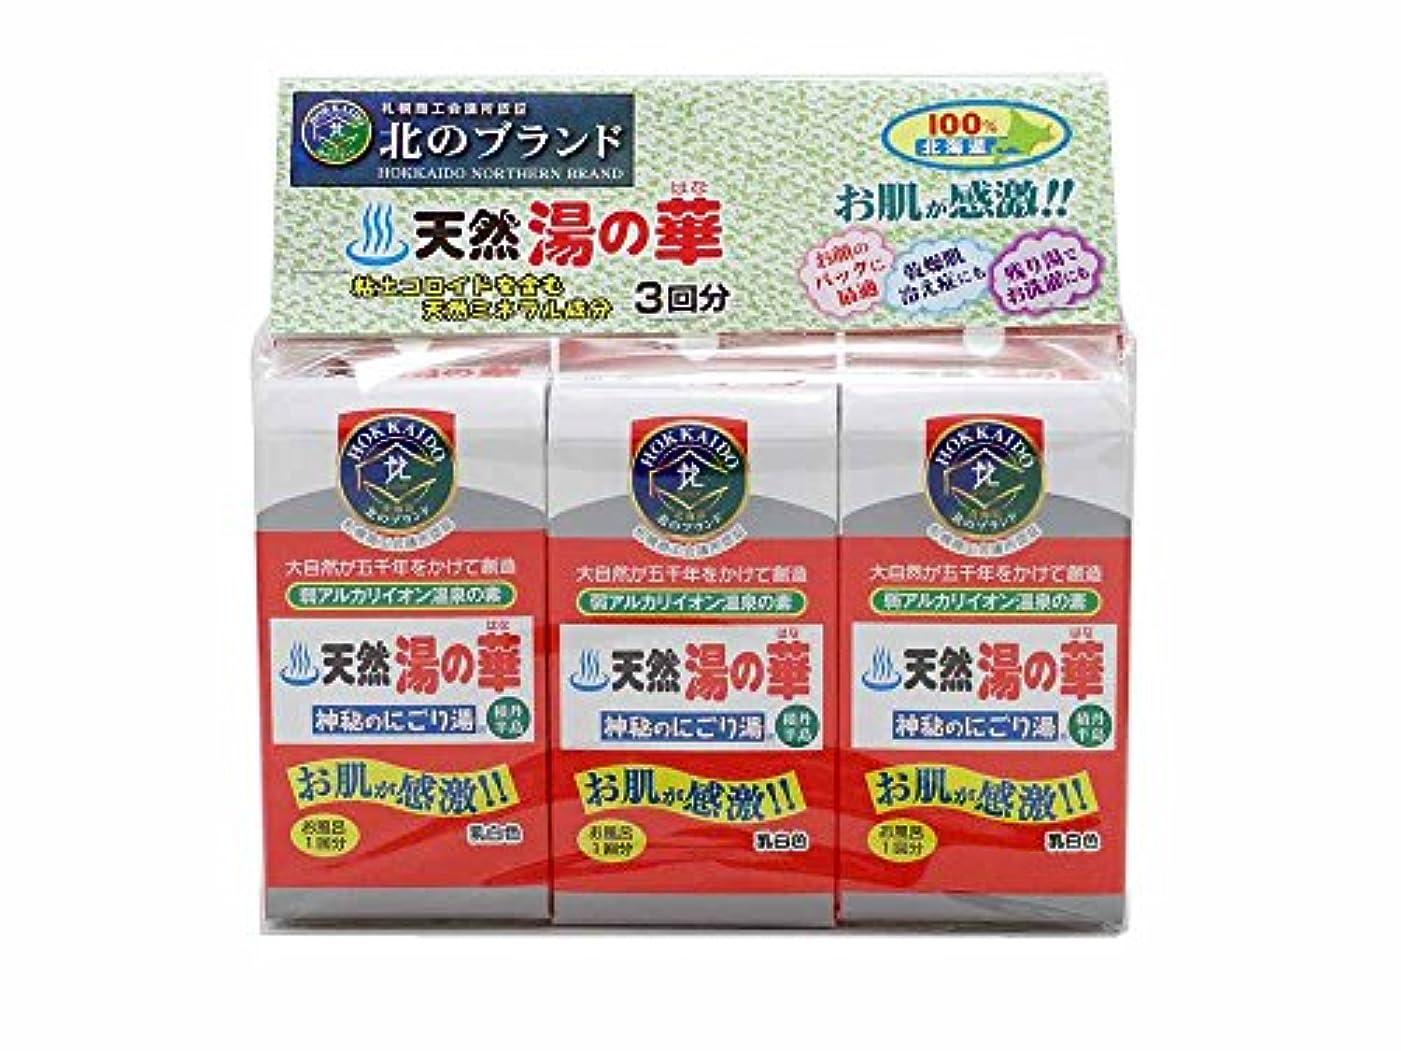 かもしれない膿瘍高い【100%北海道】天然湯の華 3回分無添加